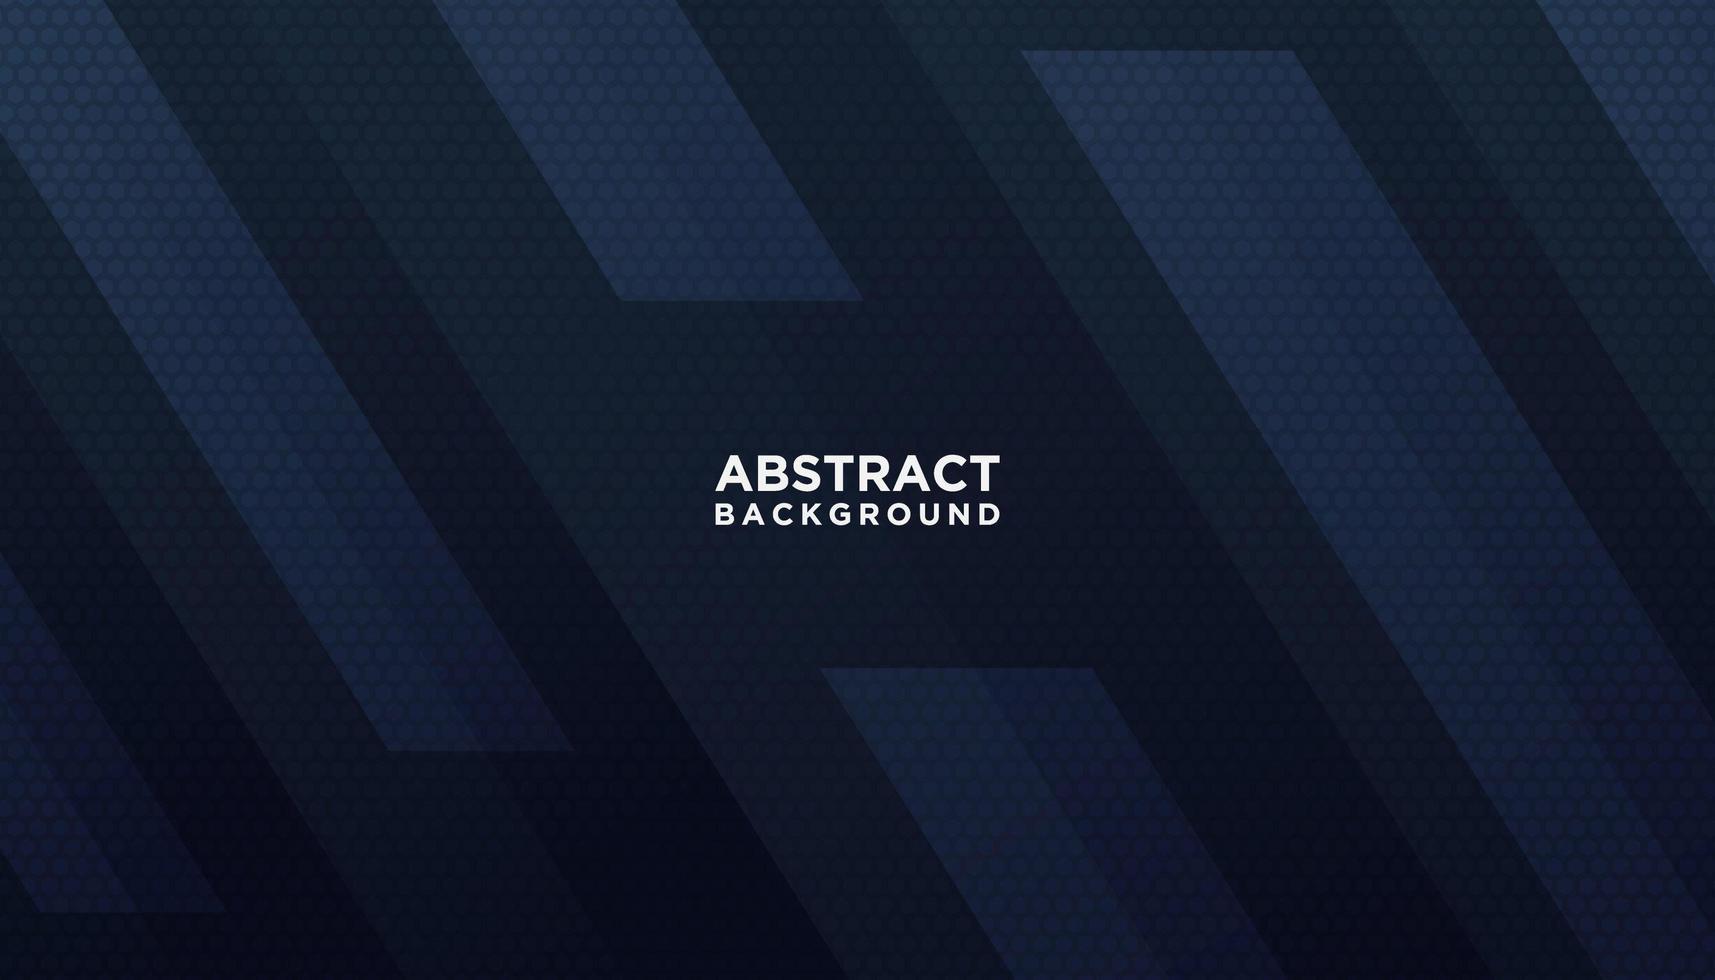 Fondo geométrico de movimiento abstracto azul oscuro vector